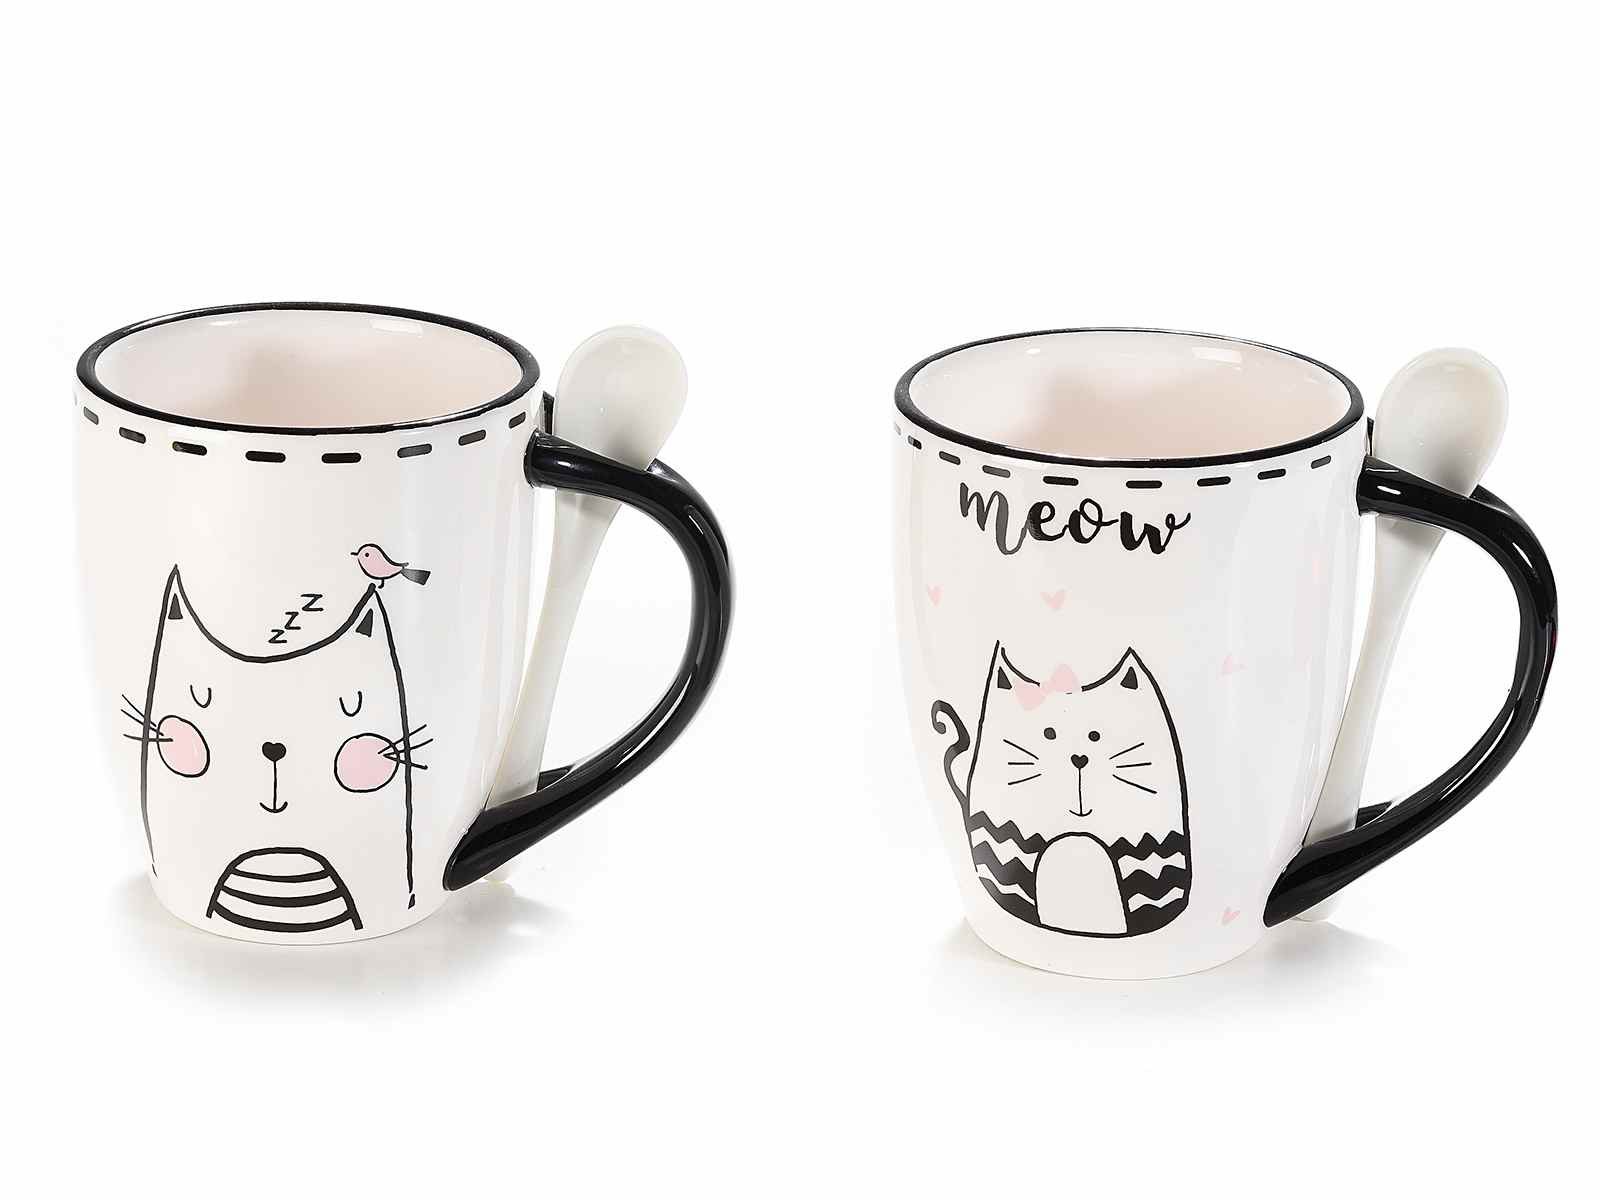 Tazza mug con cucchiaino con disegnato un gatto (713725)